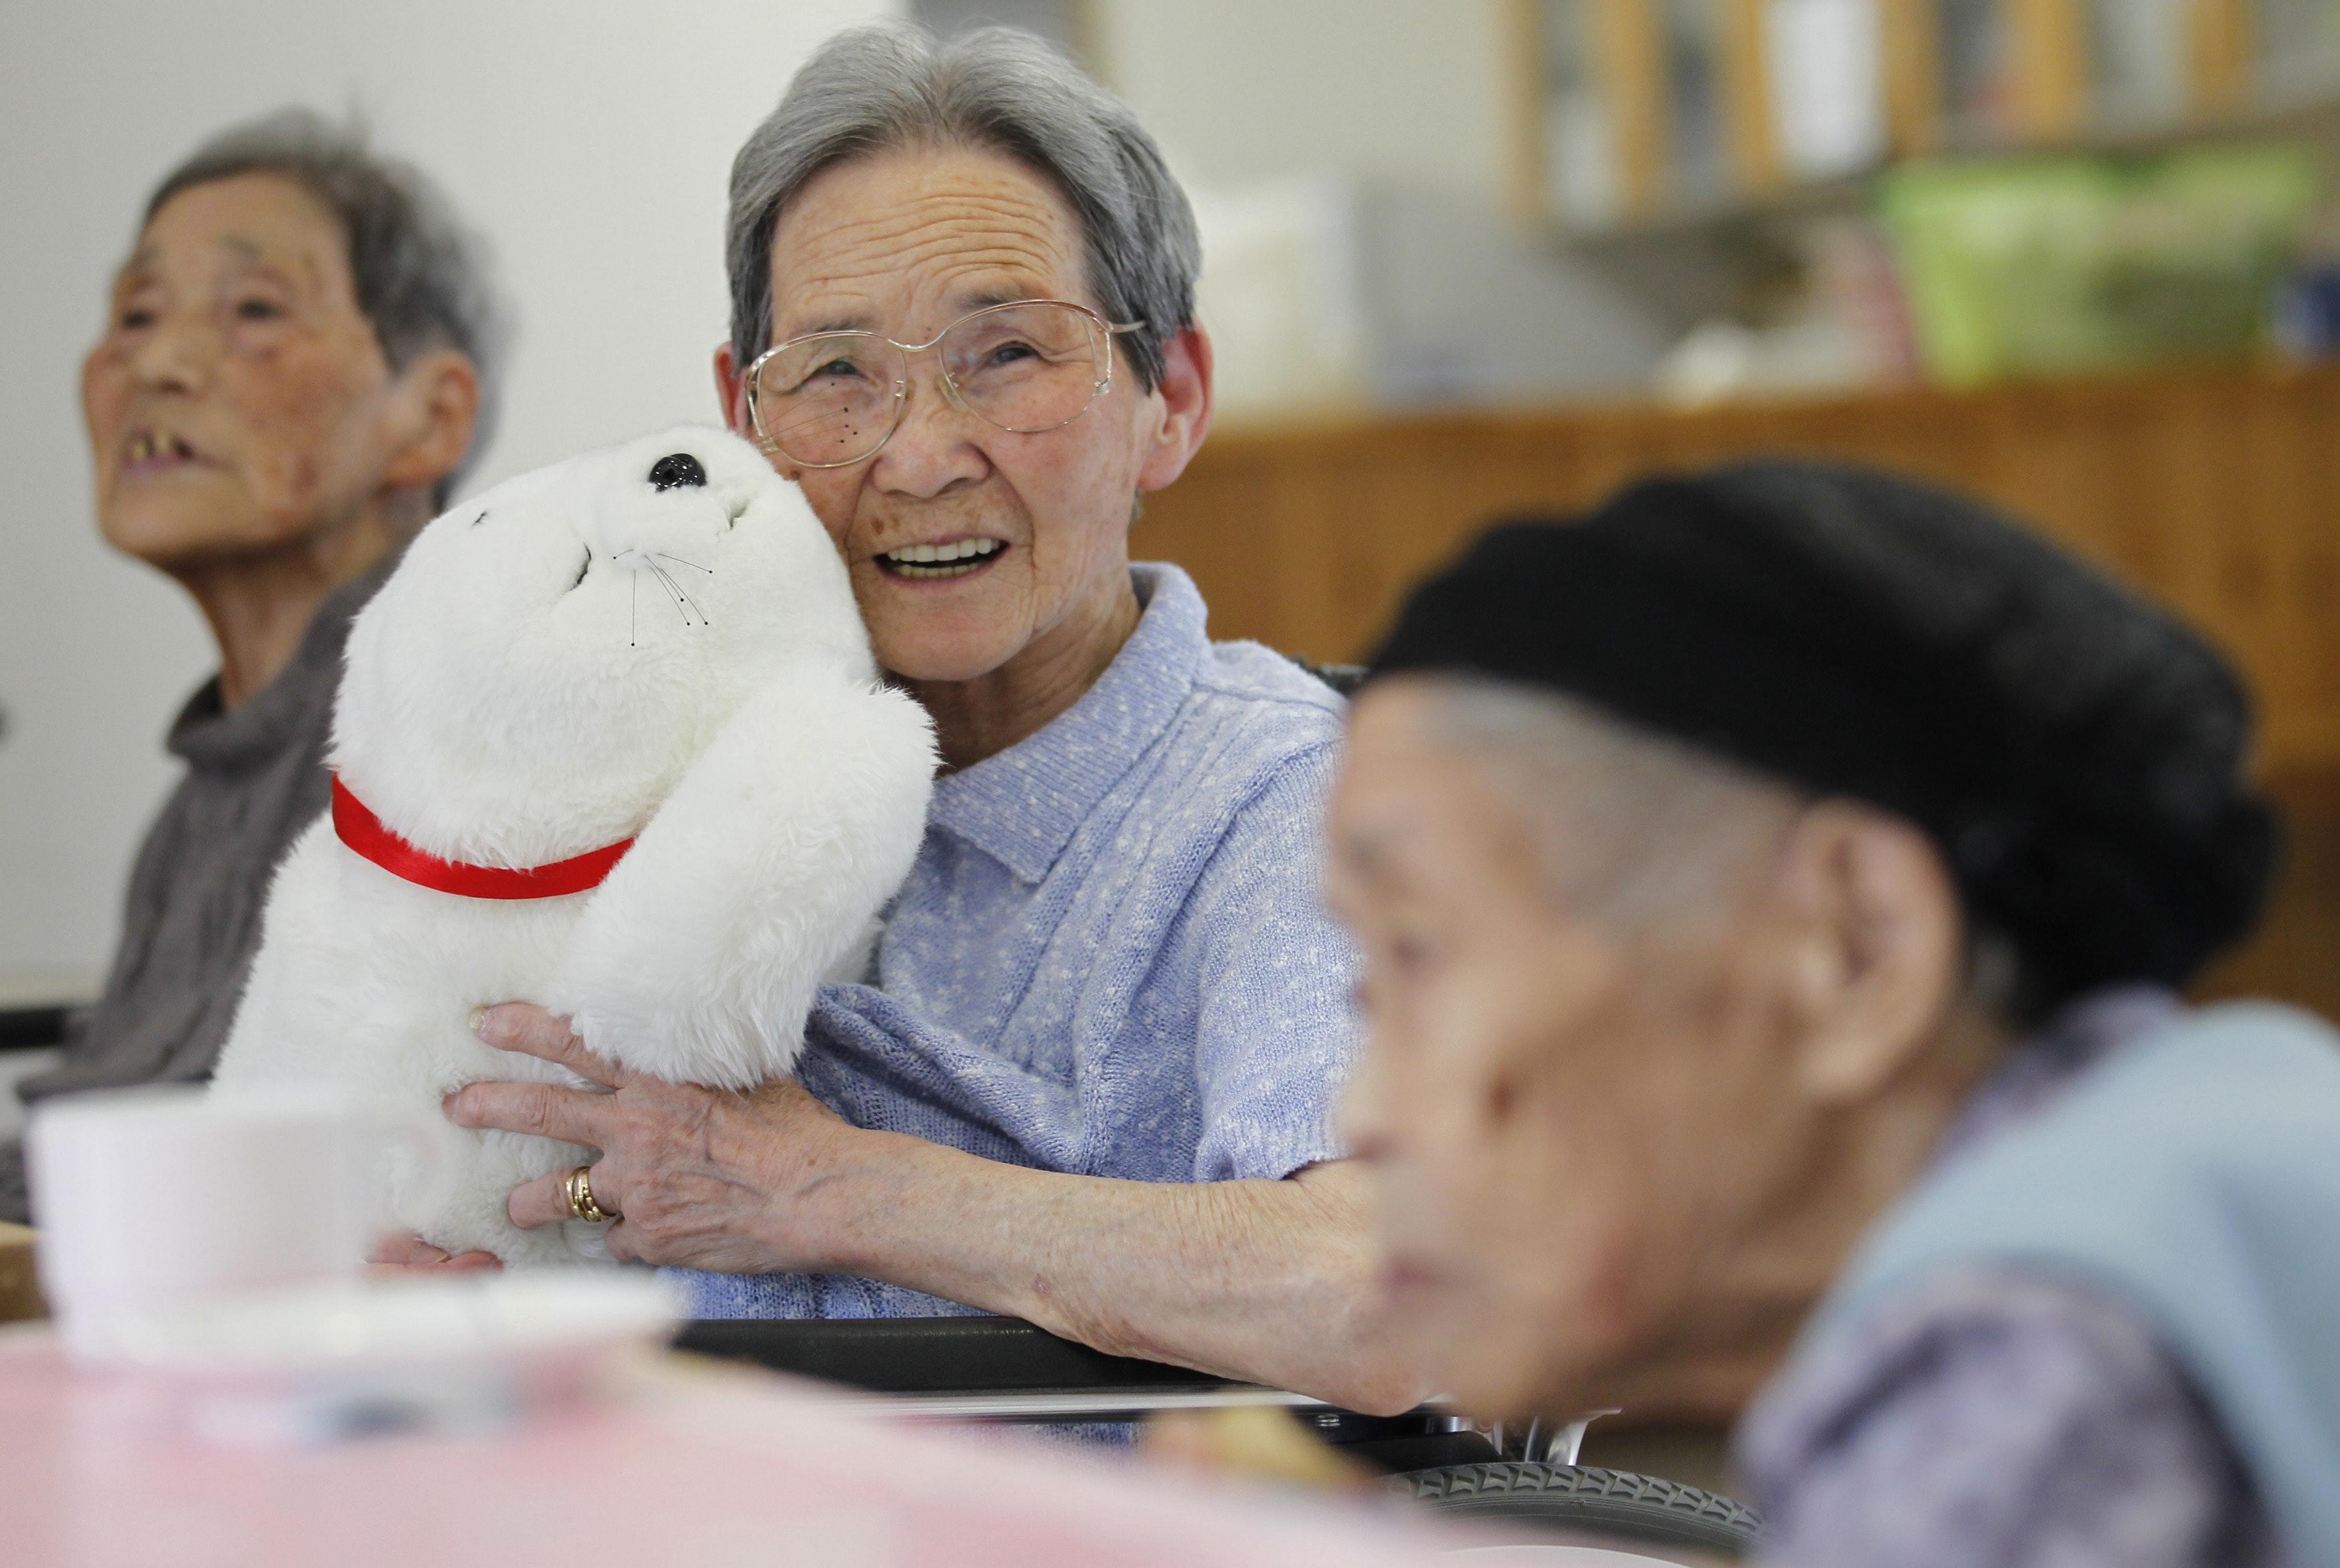 Революция роботов: особенности разработки технологий для престарелых людей